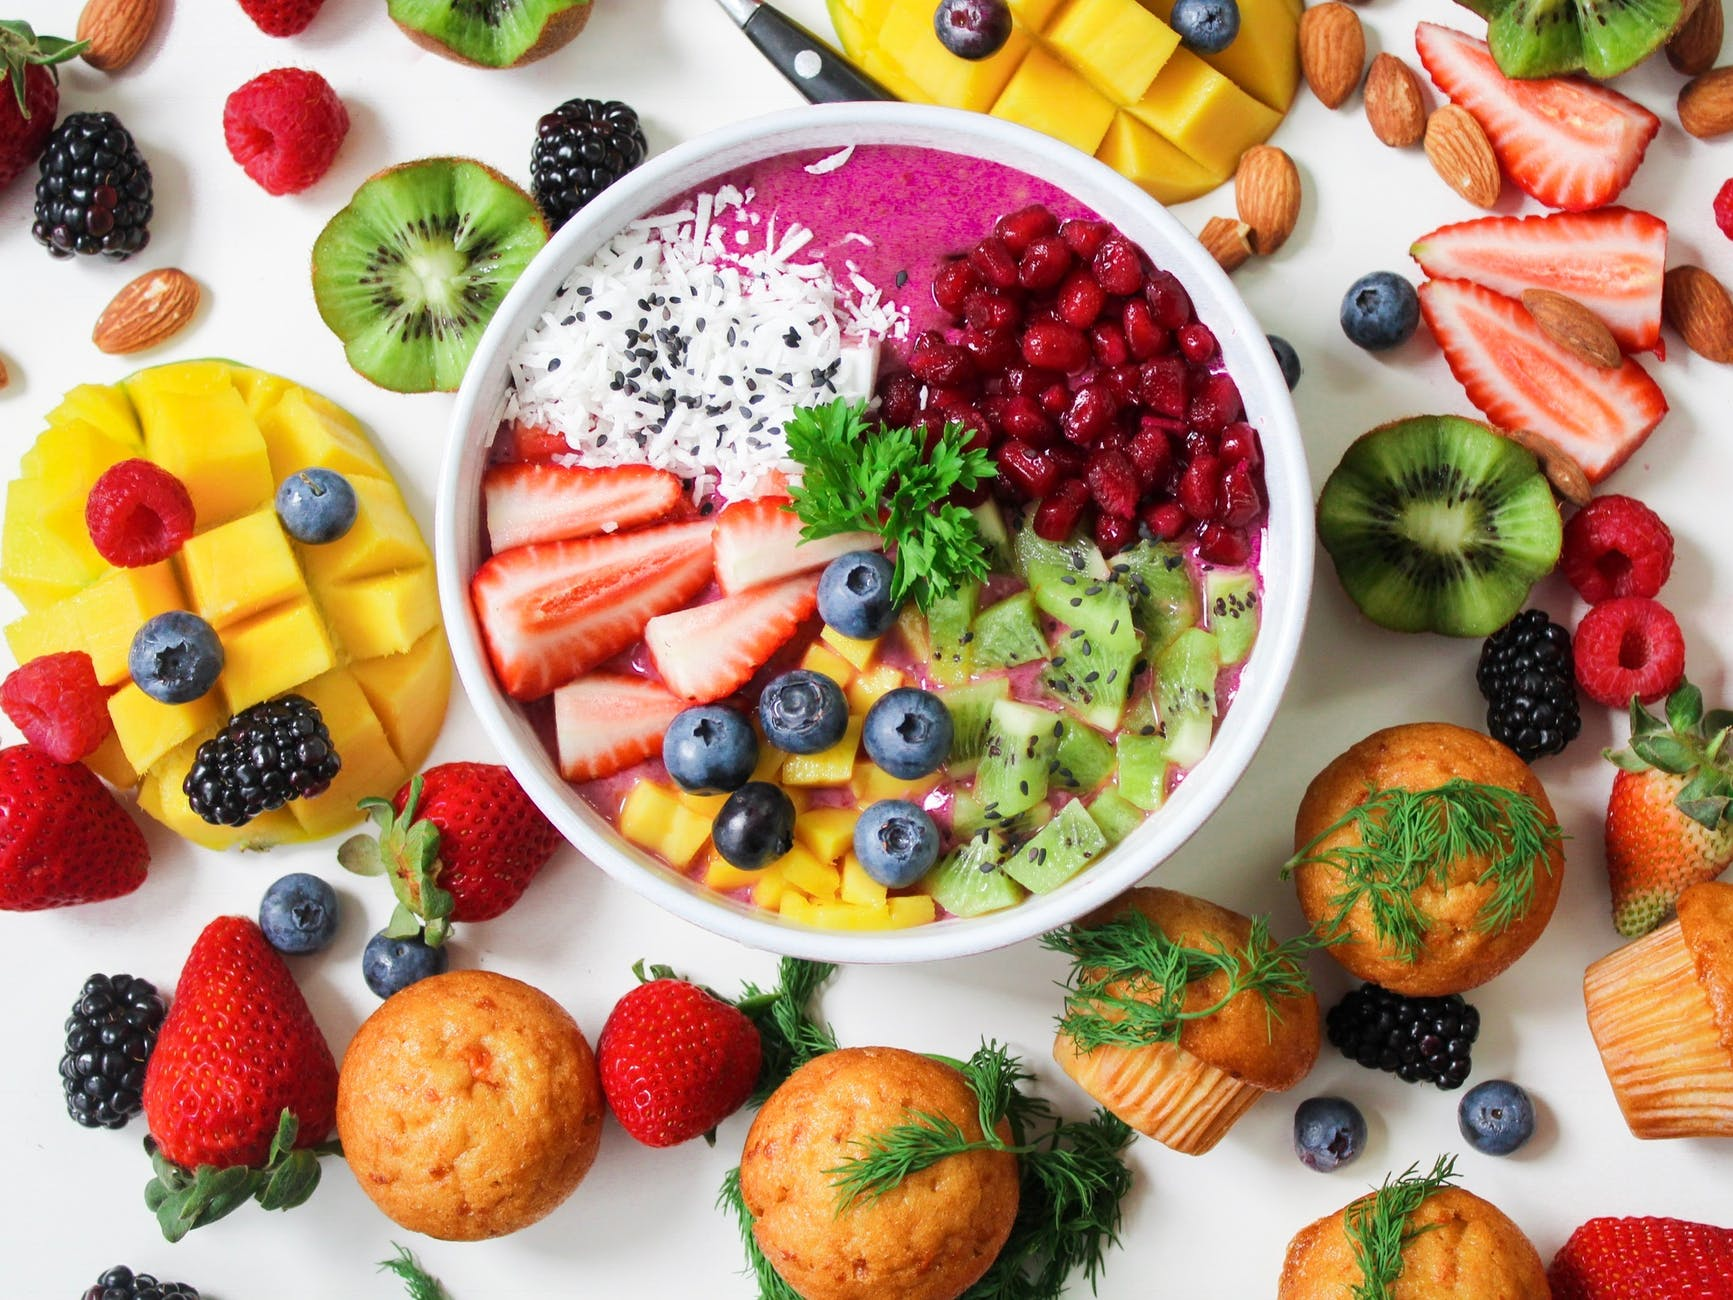 Cuatro snacks saludables fáciles de preparar